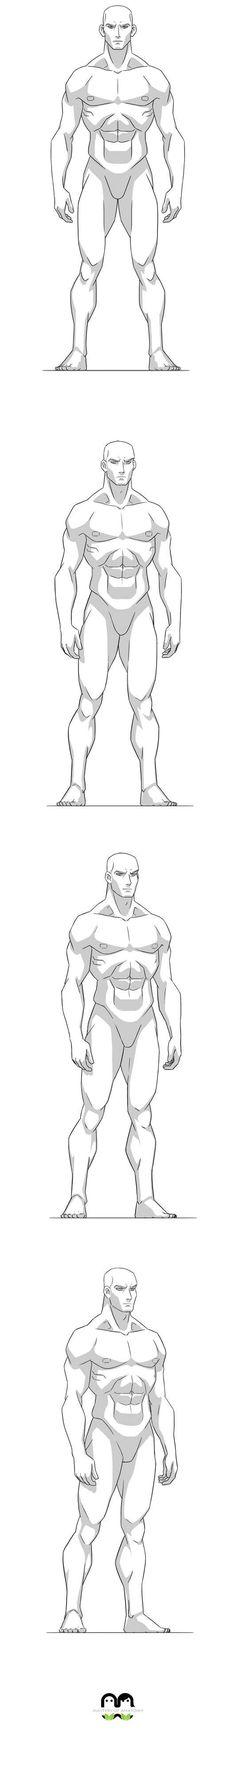 Aprender a dibujar personas paso a paso y de forma profesional con esta guia totalmente completa, en donde encontrarás toda la información necesaria para ti